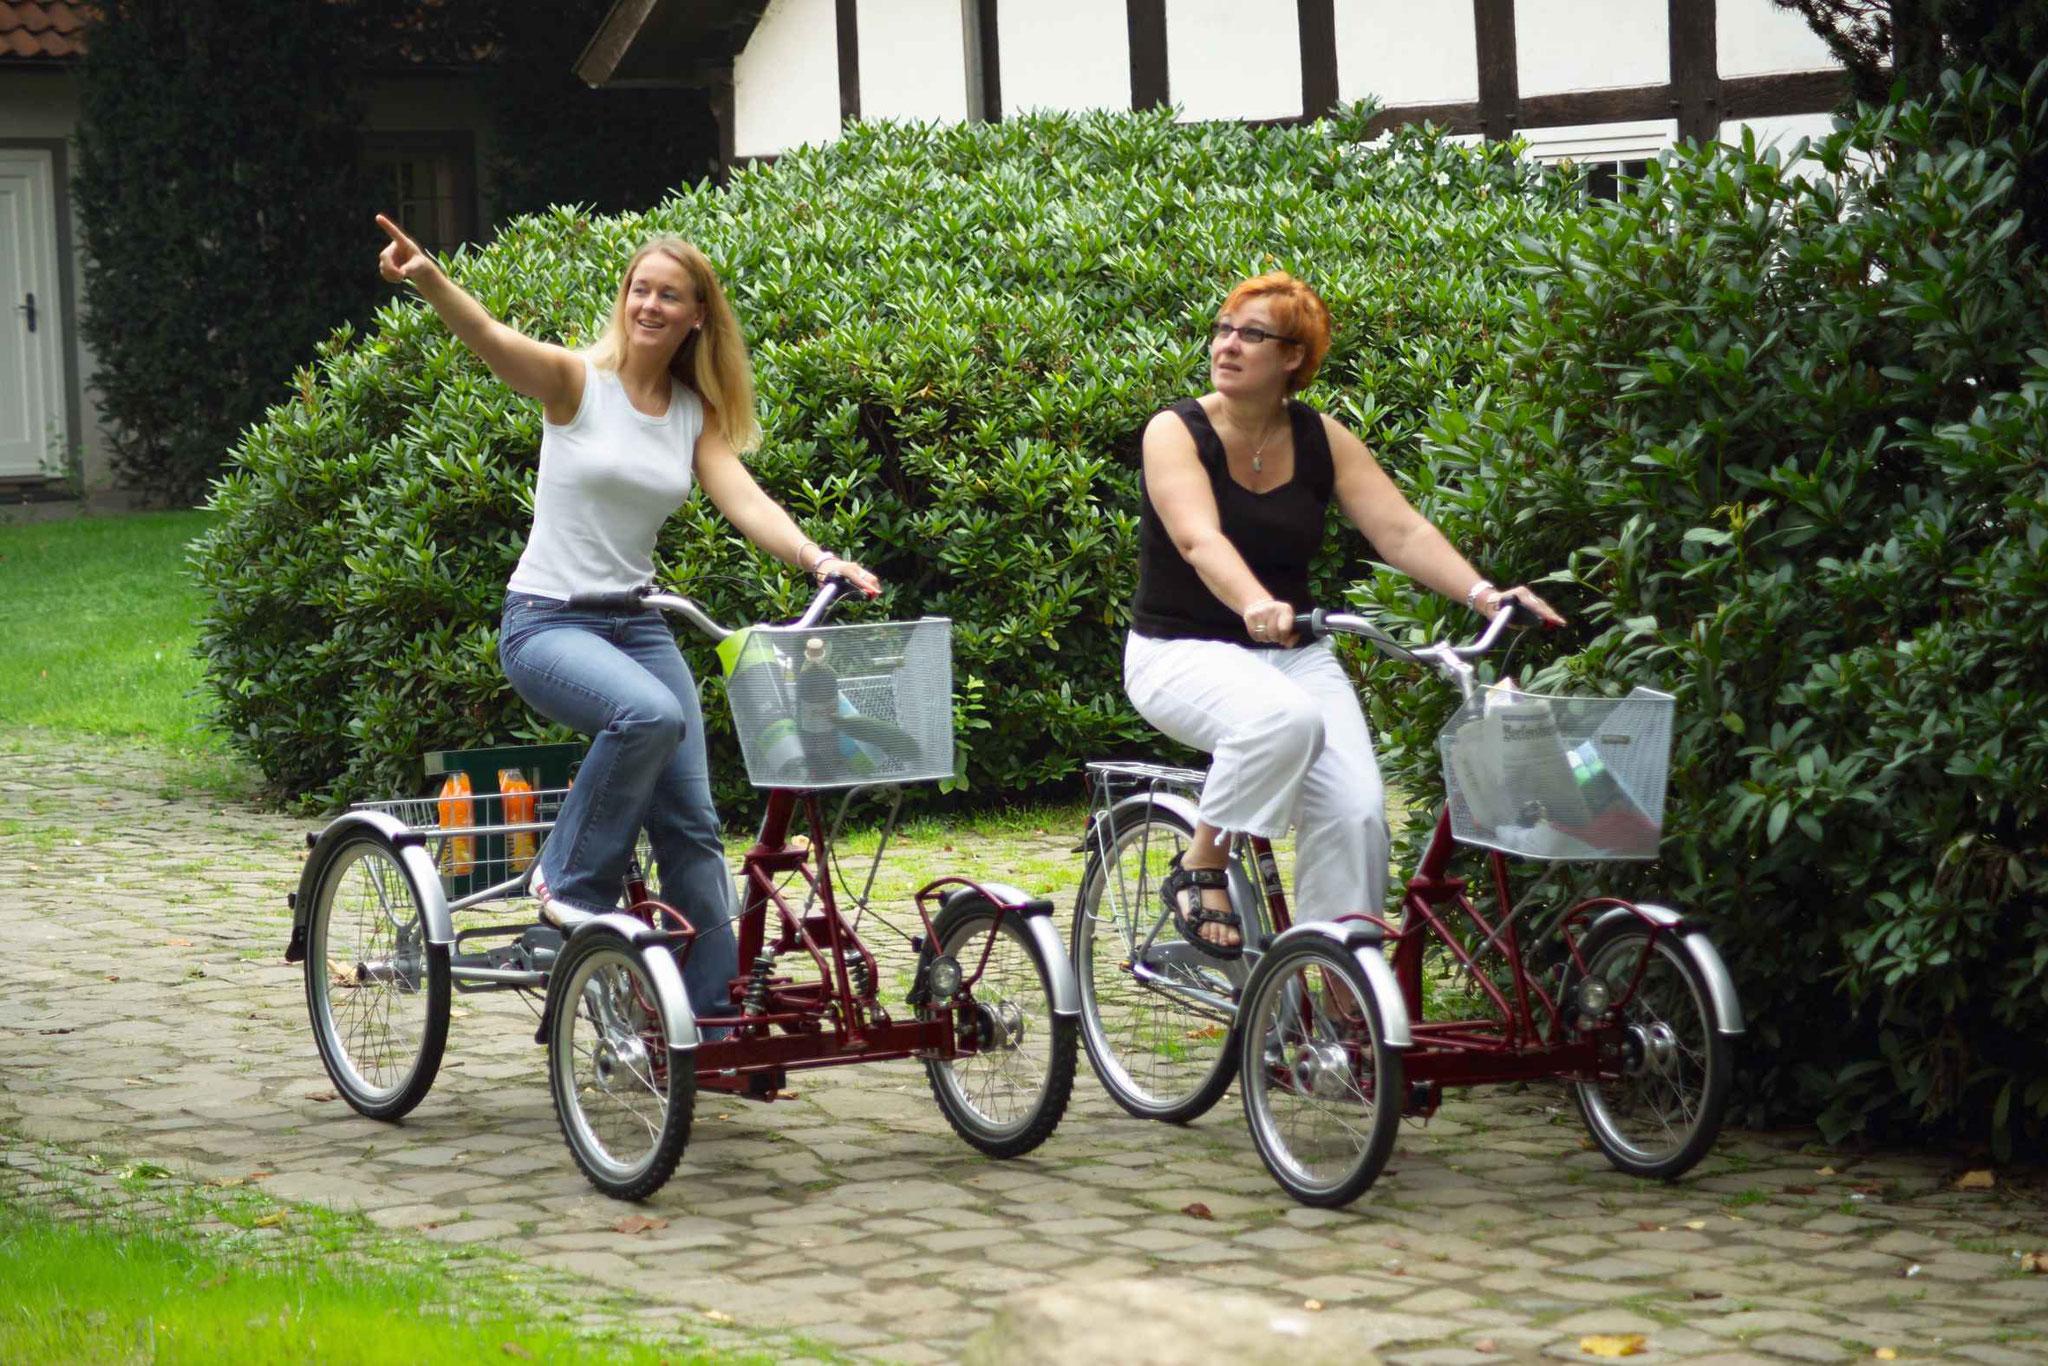 Dreiräder oder Quad-Fahrräder von Pfau-Tec